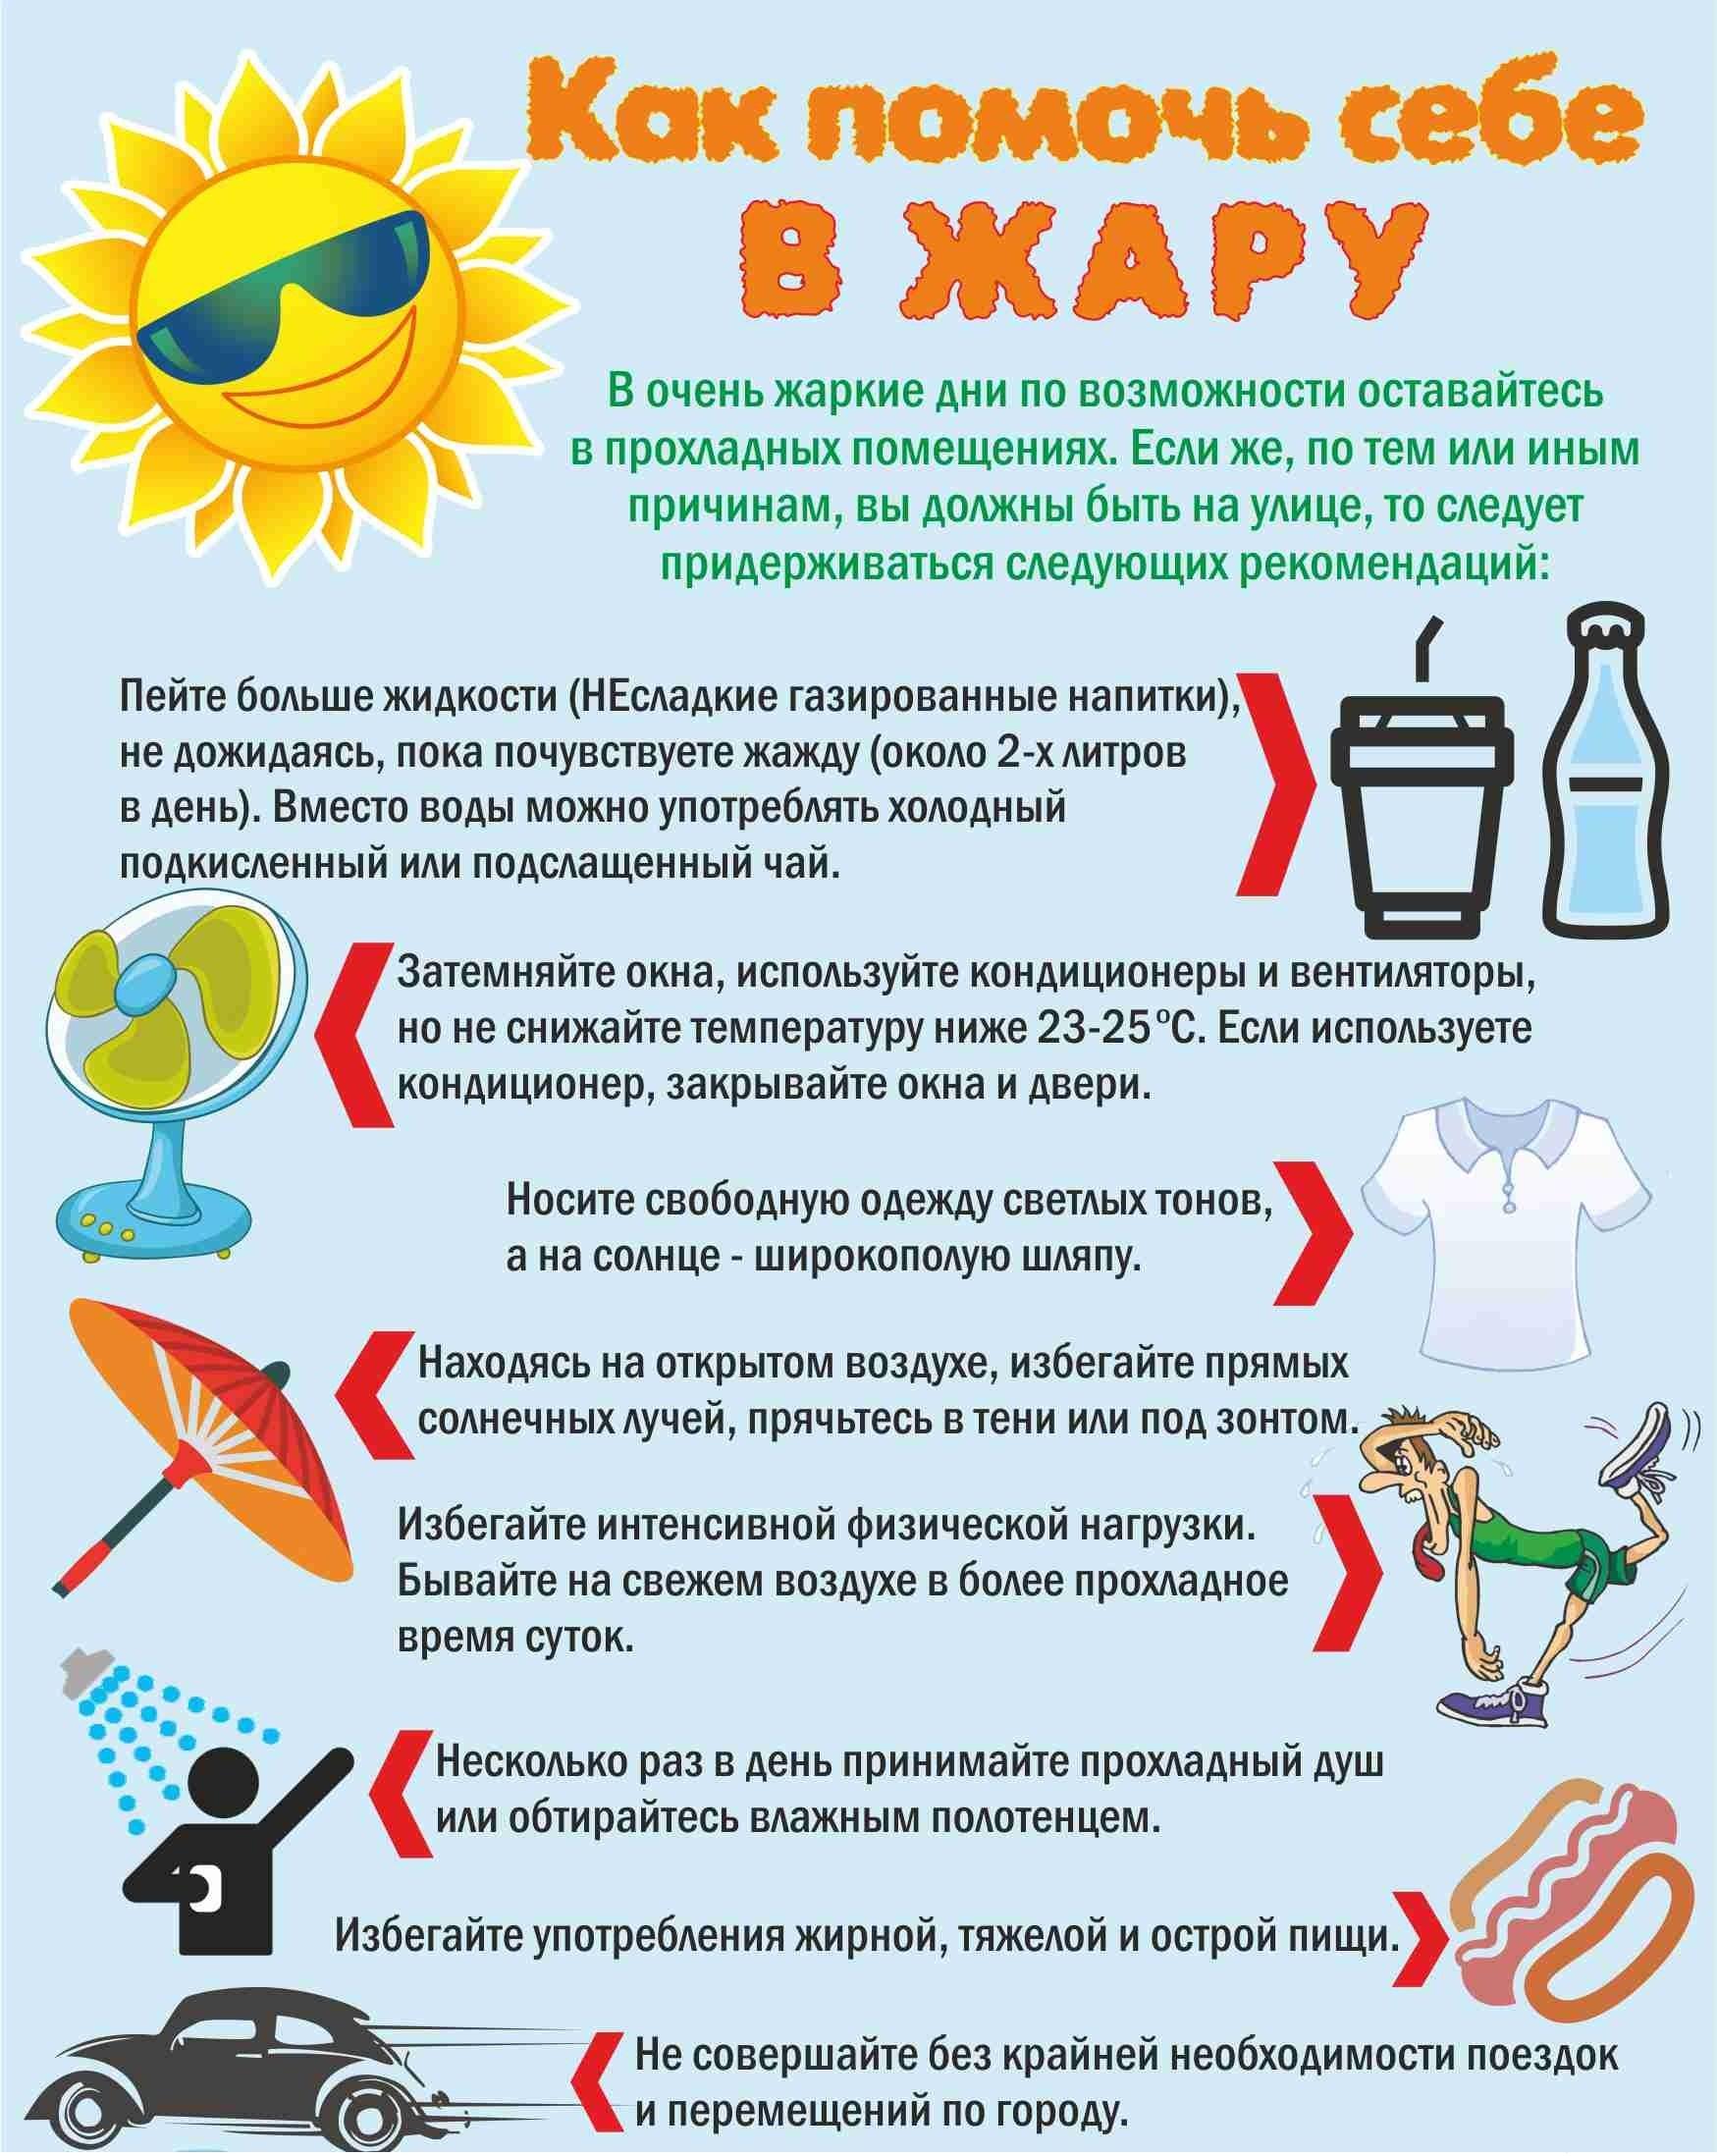 10 правил прогулки с ребенком в летнюю жару